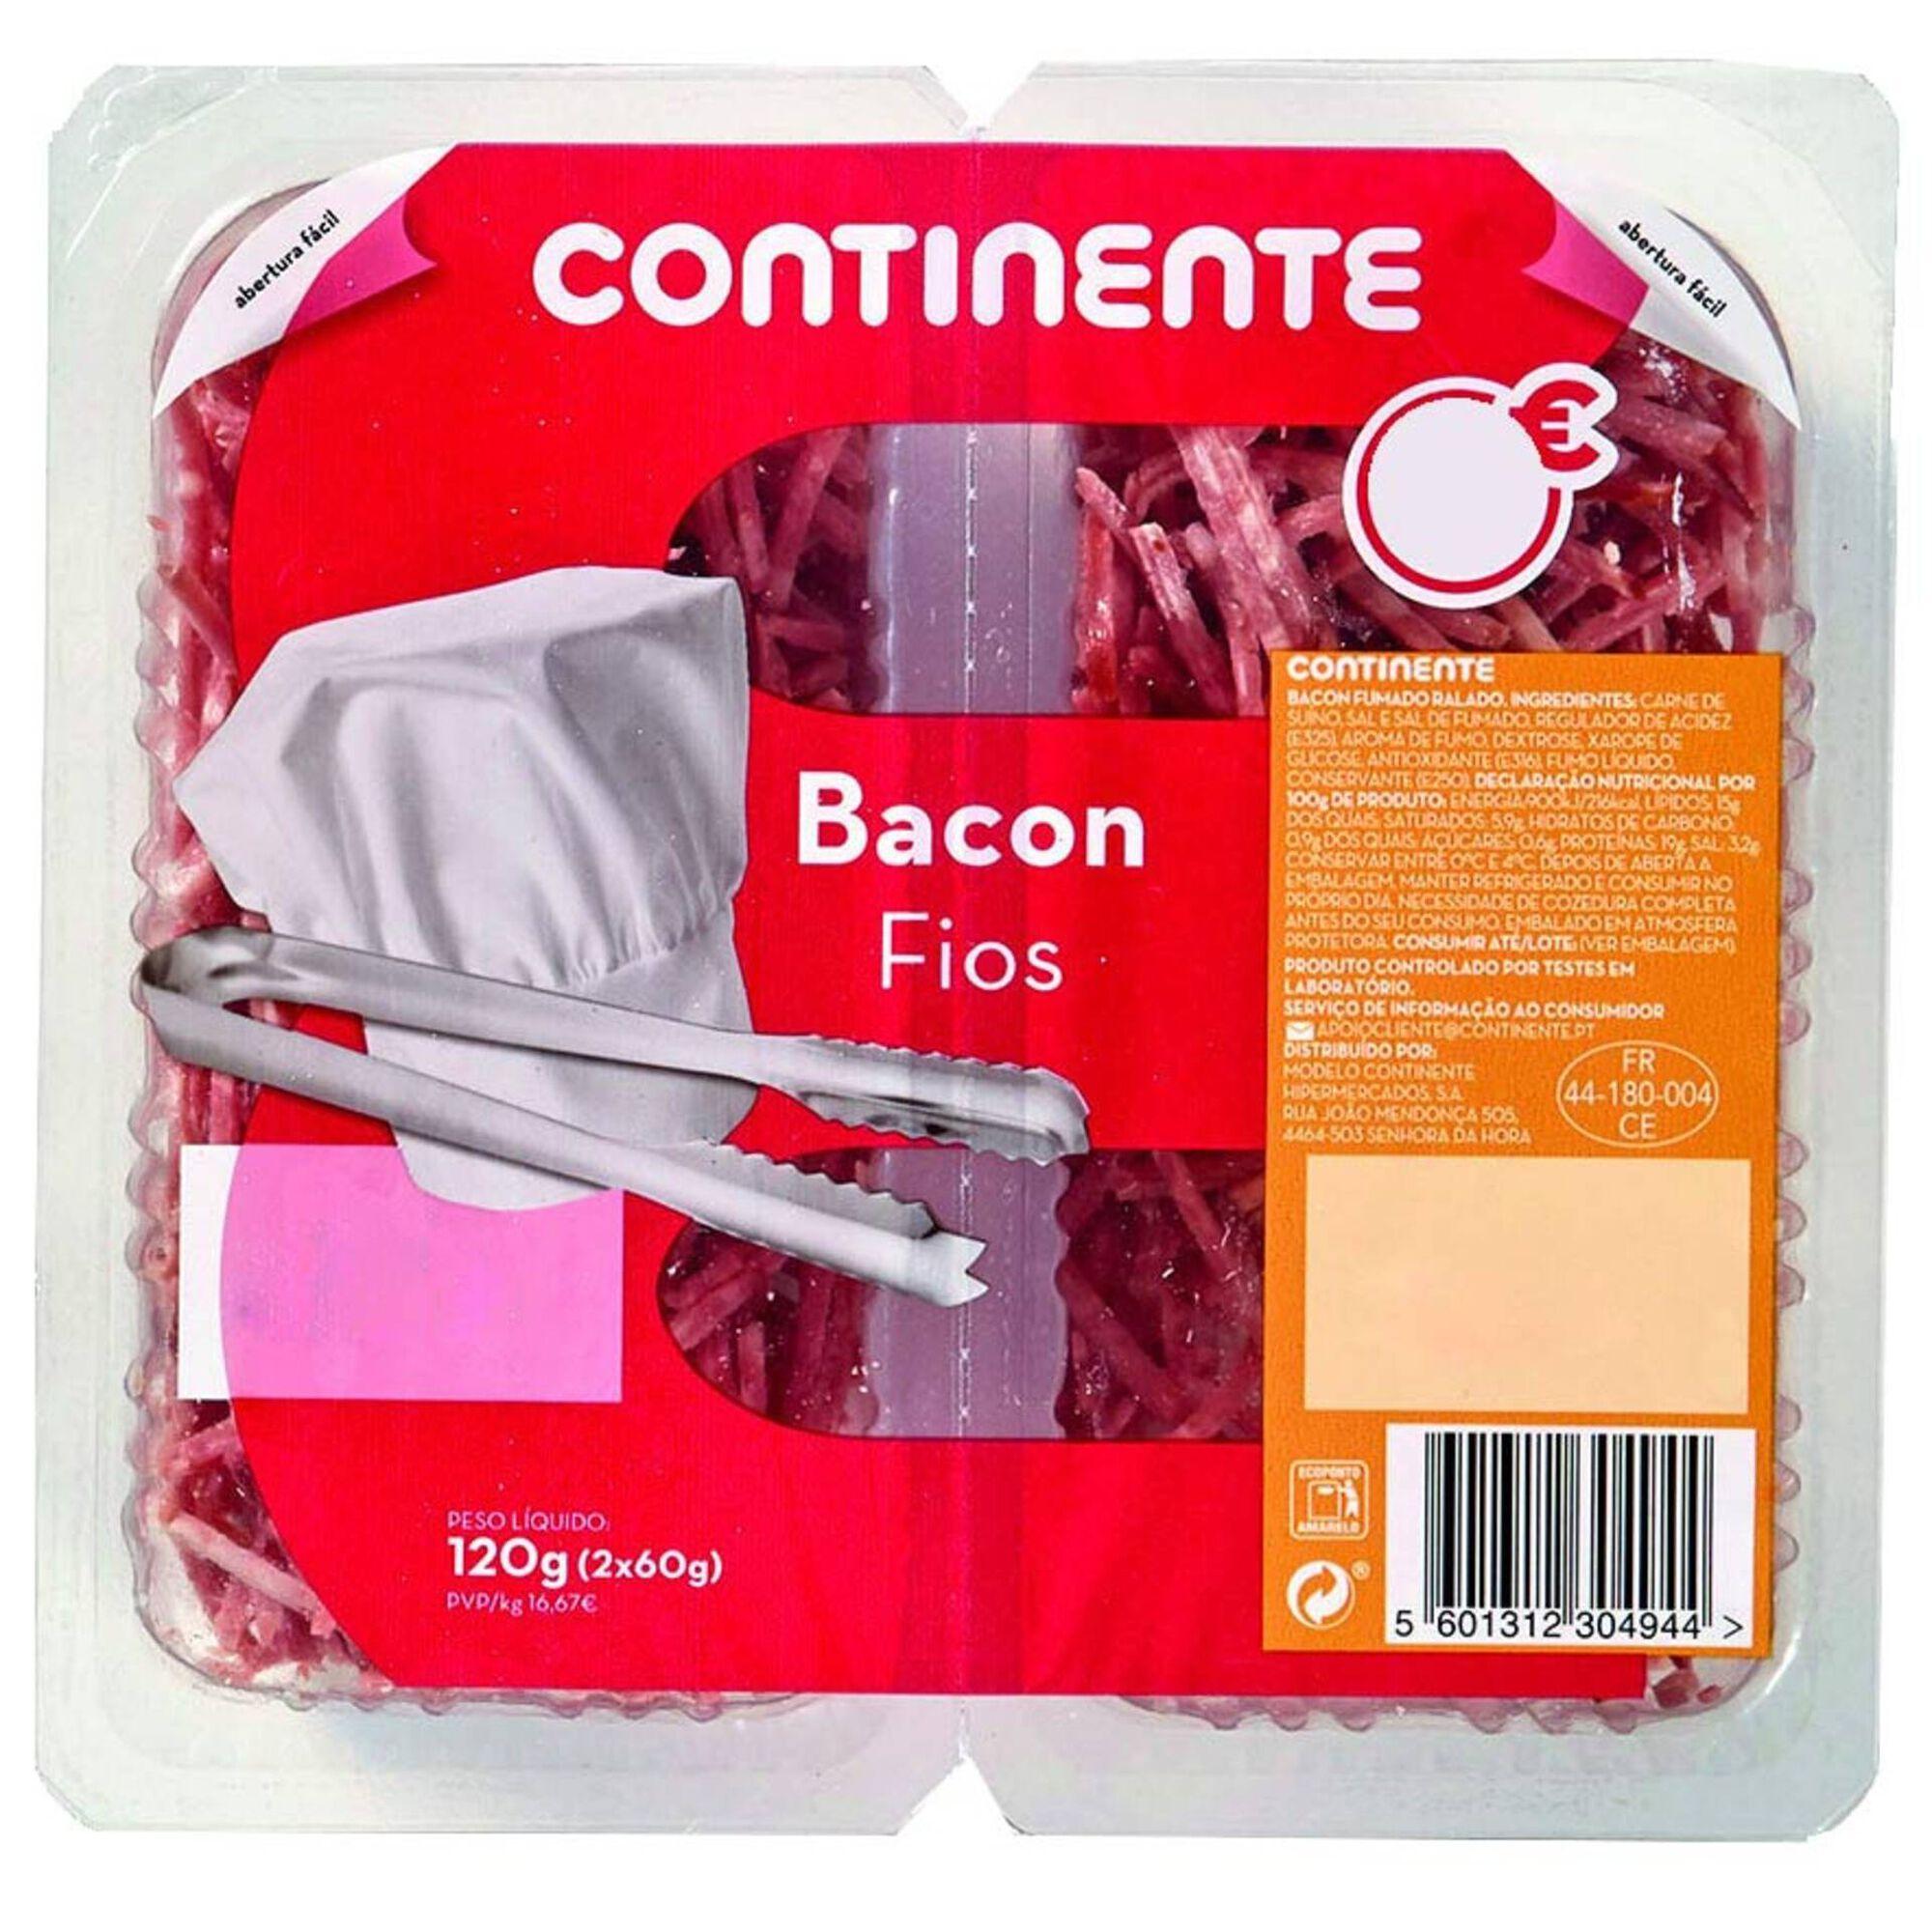 Bacon Fios